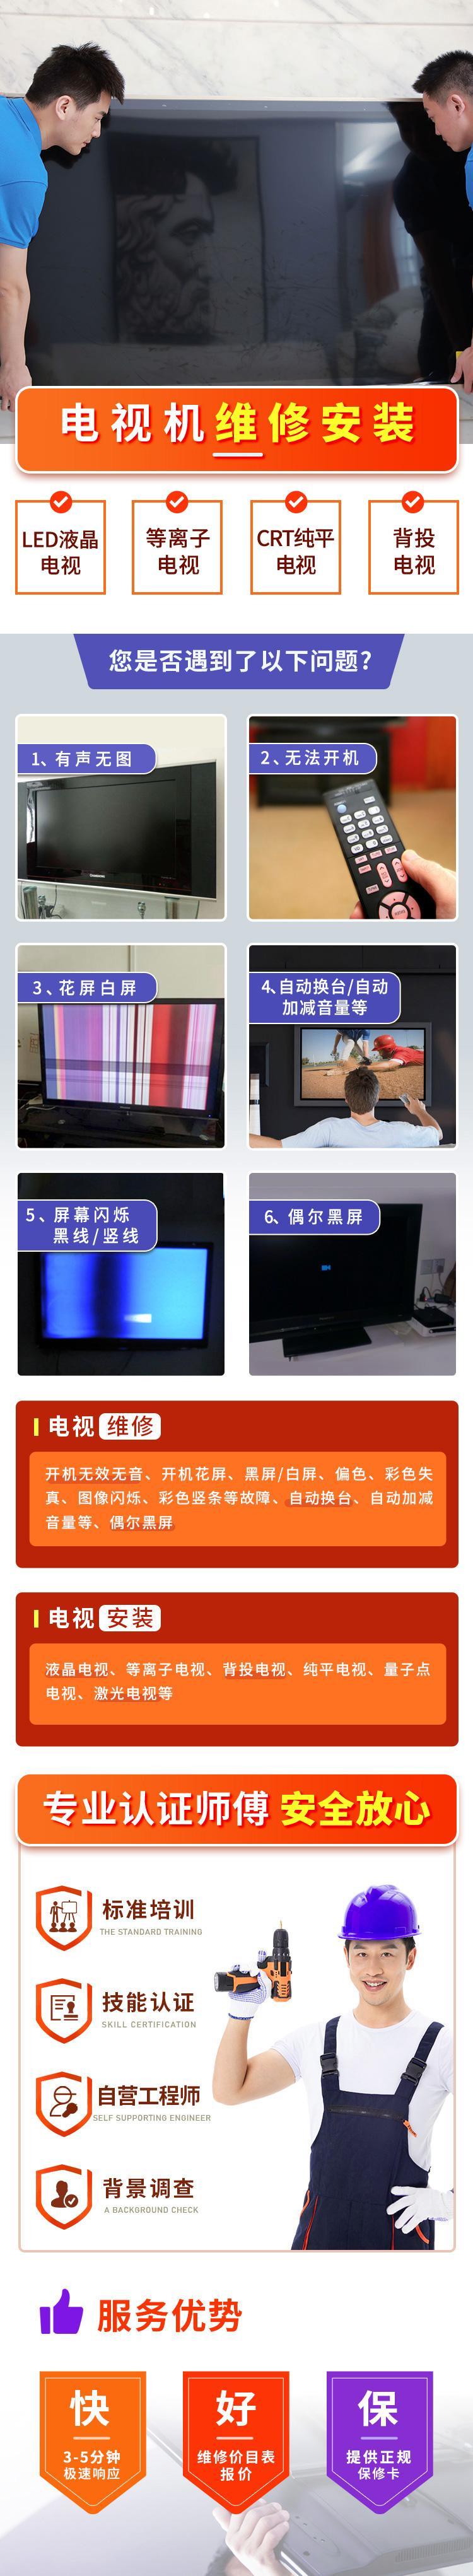 电视安装(55-65吋)